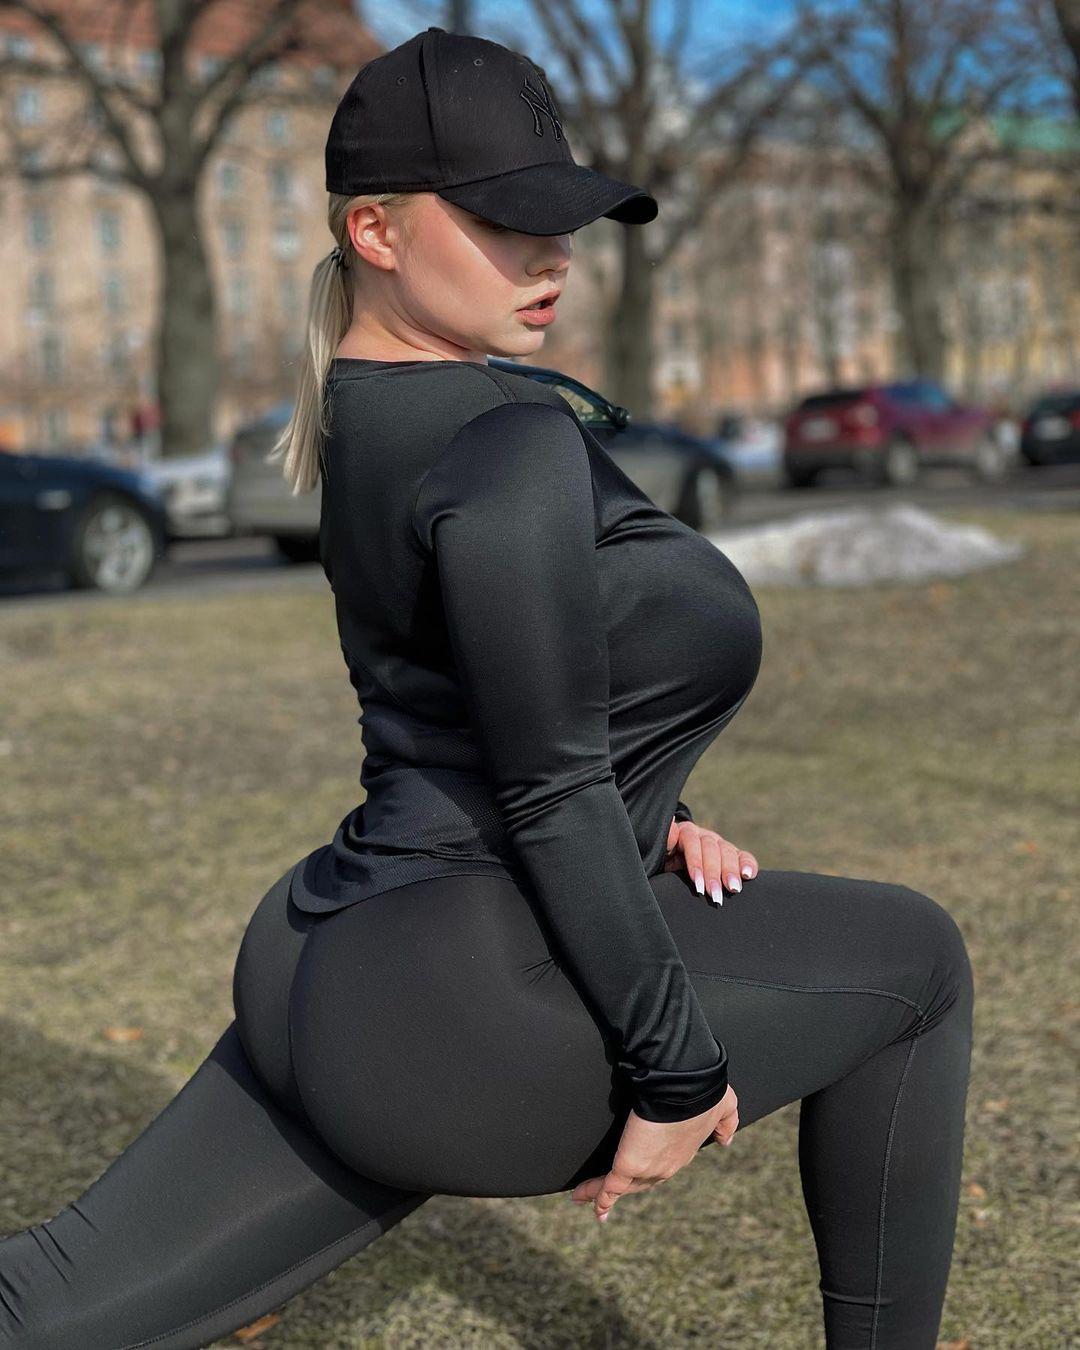 Прасковья Позднякова (Pasha Pozdniakova) - финская красотка с огромной грудью 16